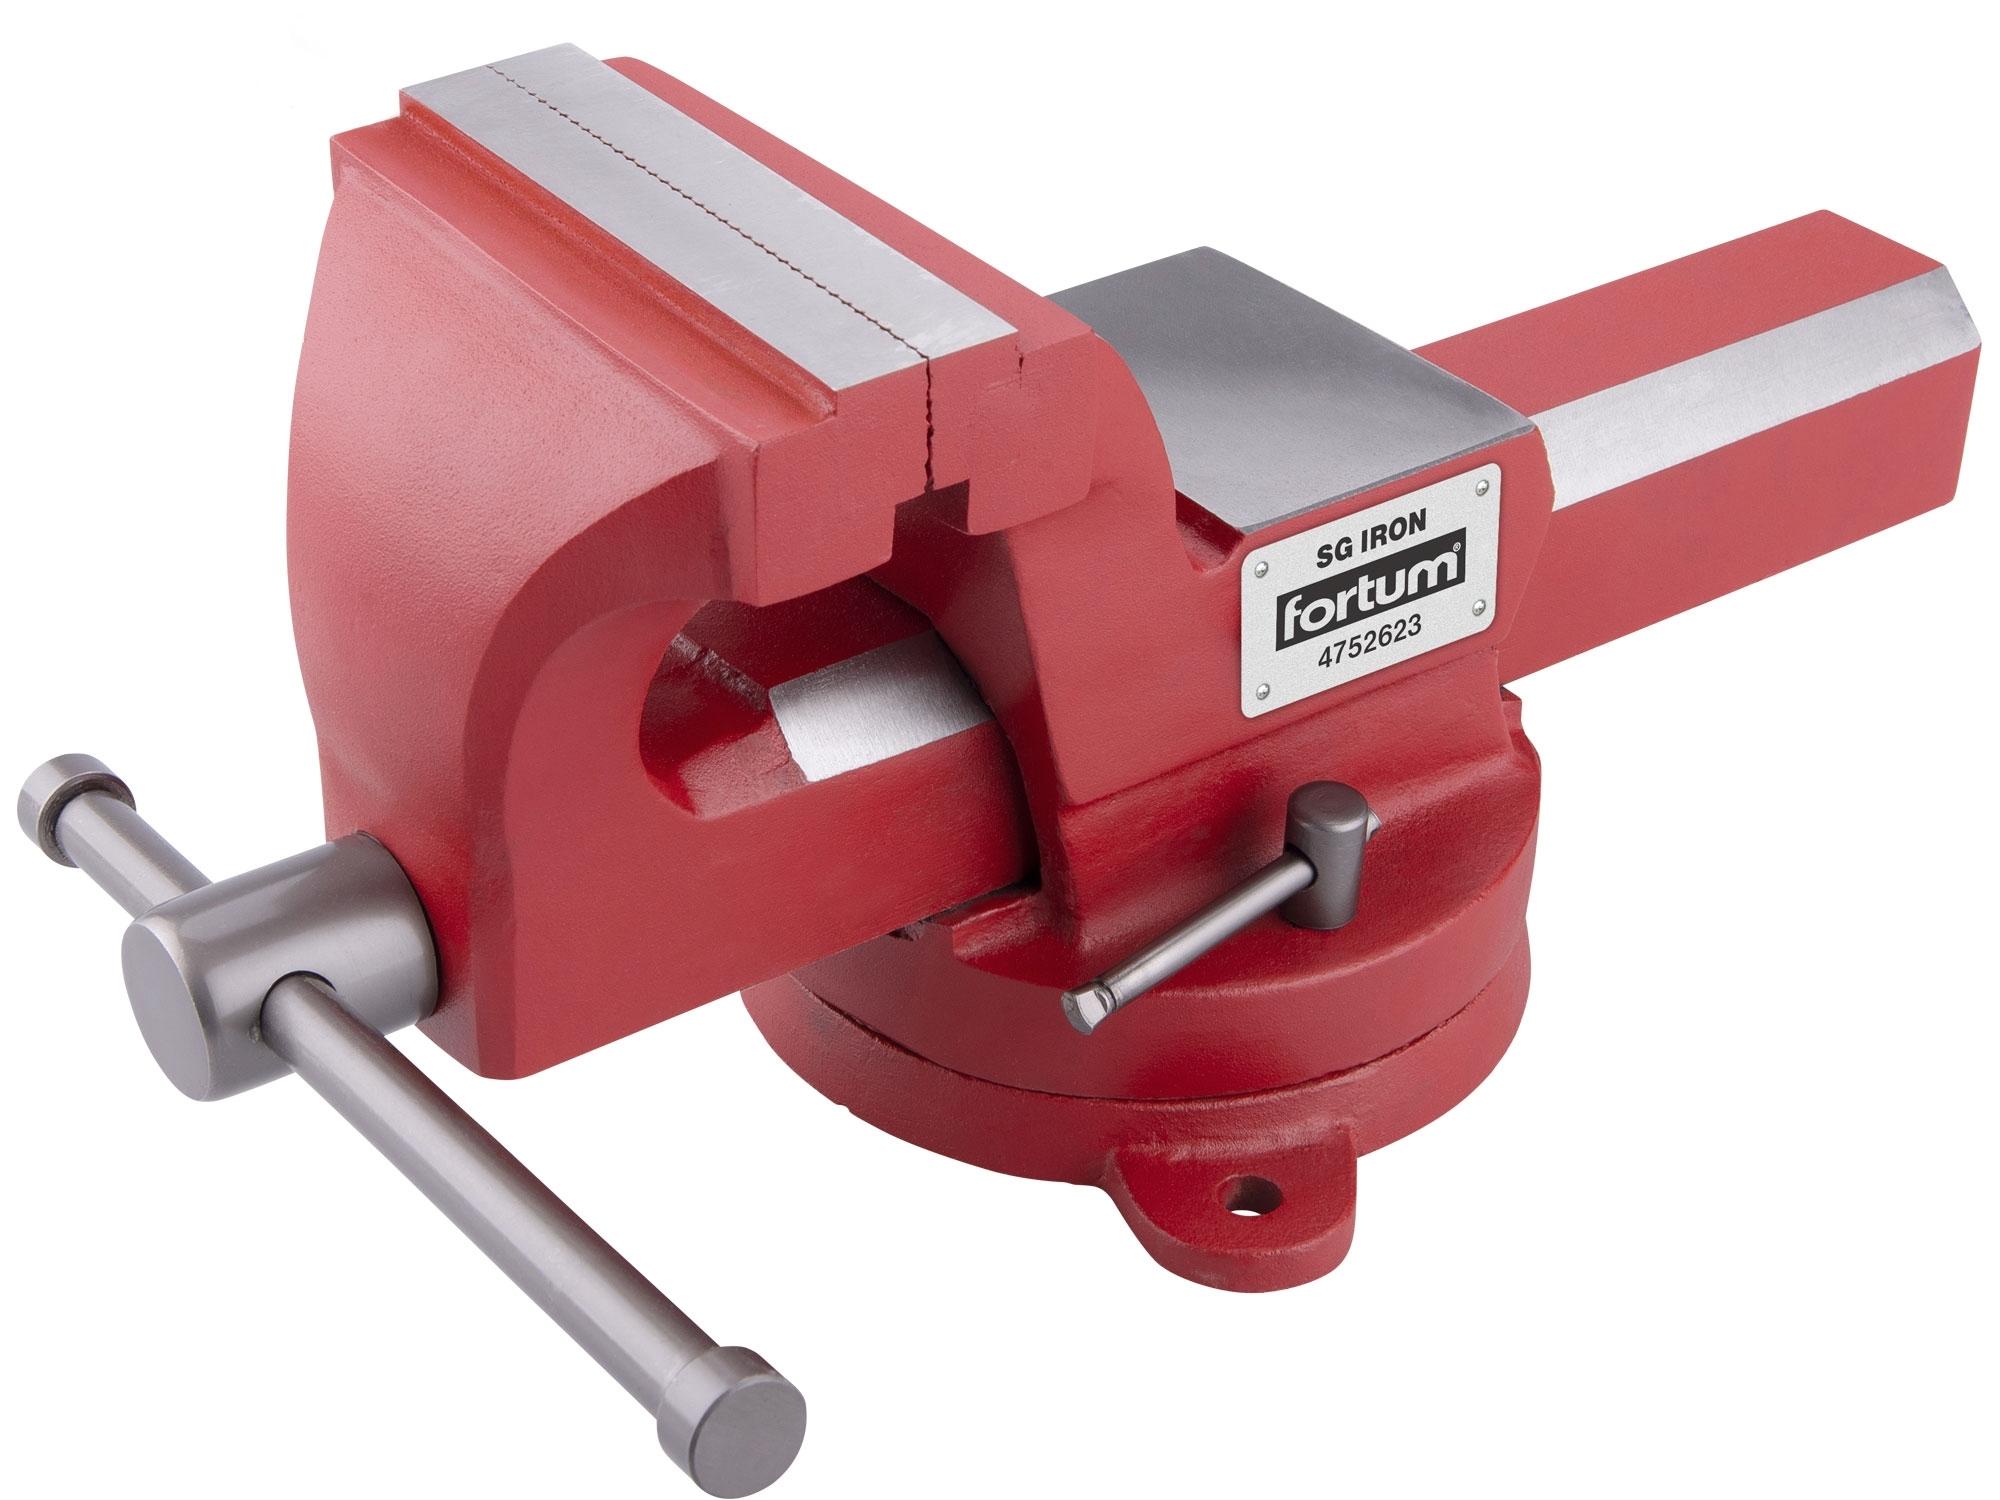 svěrák otočný s kovadlinou, 125mm, SG Iron, FORTUM 4752623